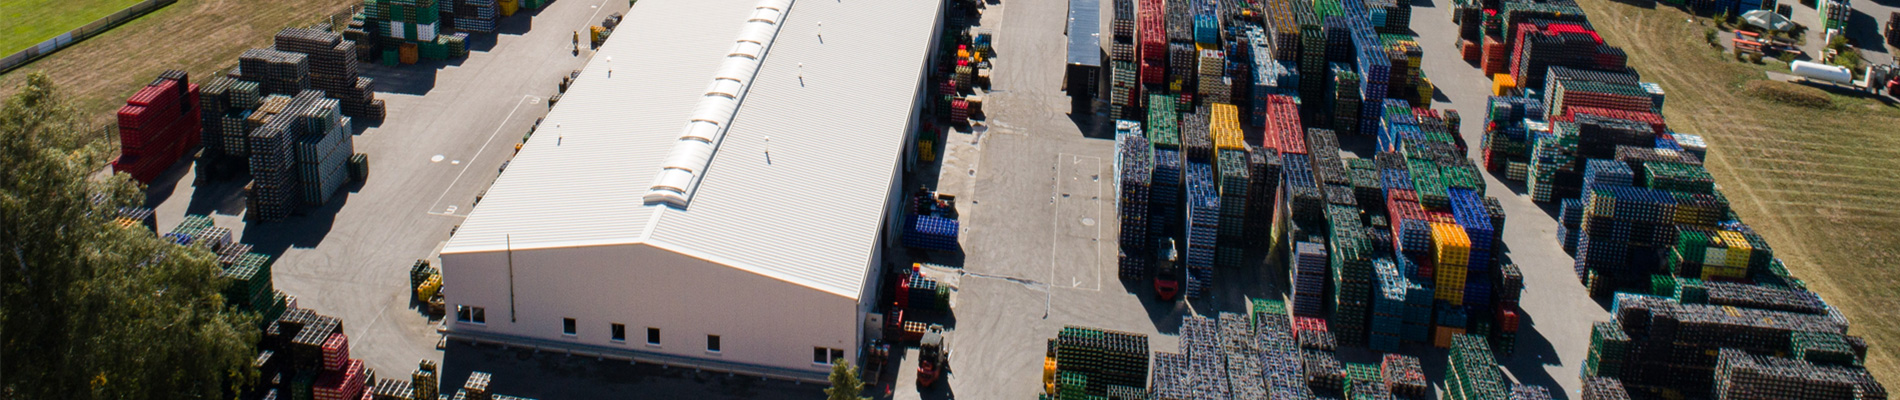 Gelaende-Coburger-Sortierzentrum